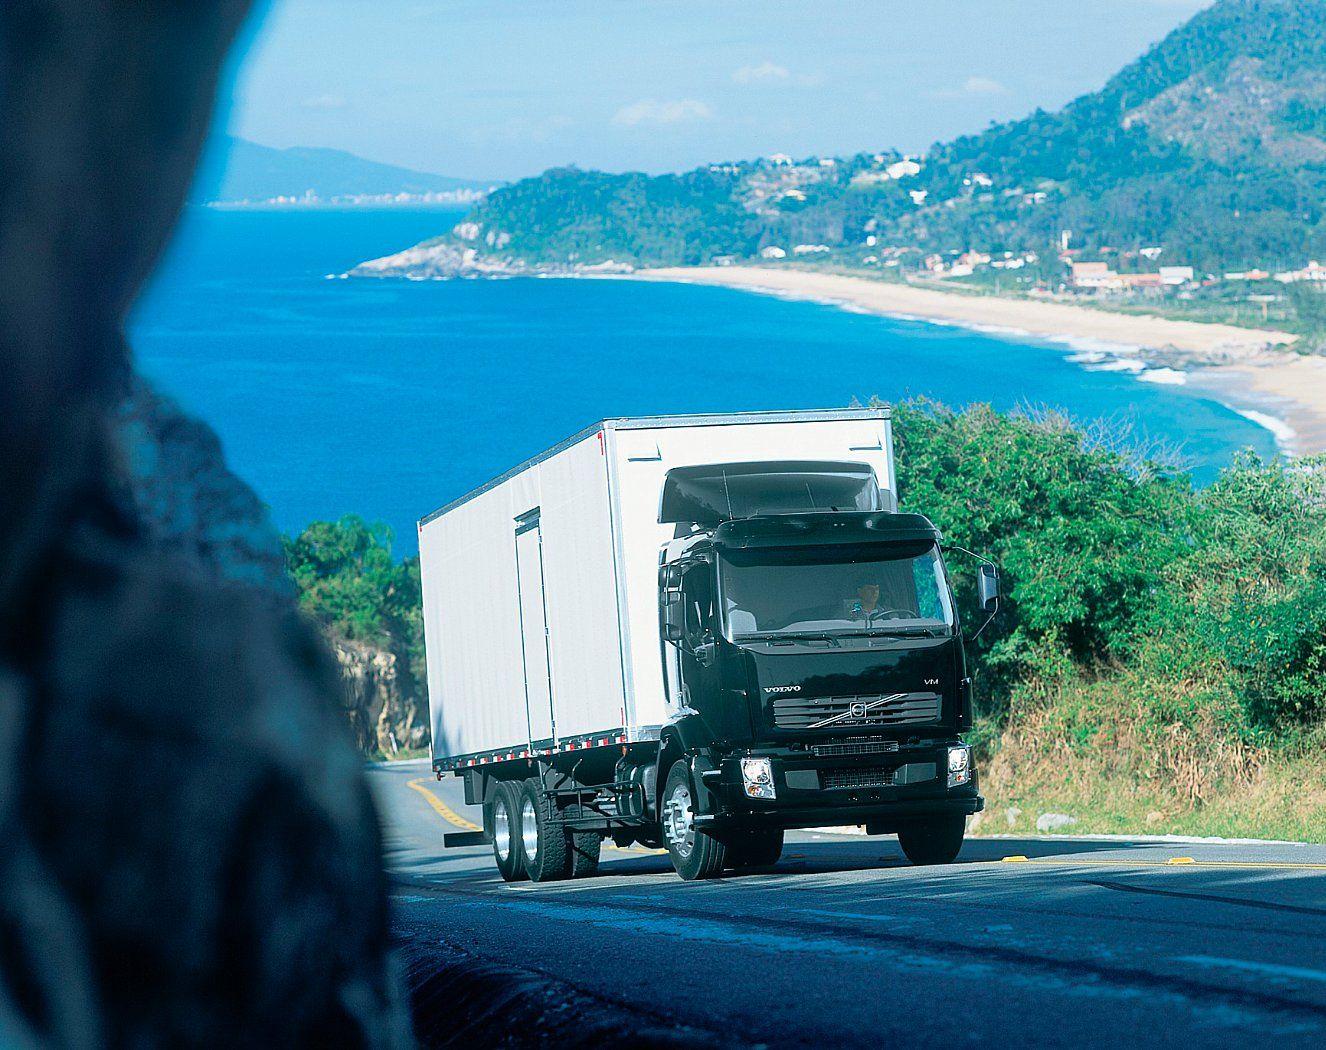 Volvo Modelos VM - Imágenes HD   Camions - Camiones   Pinterest